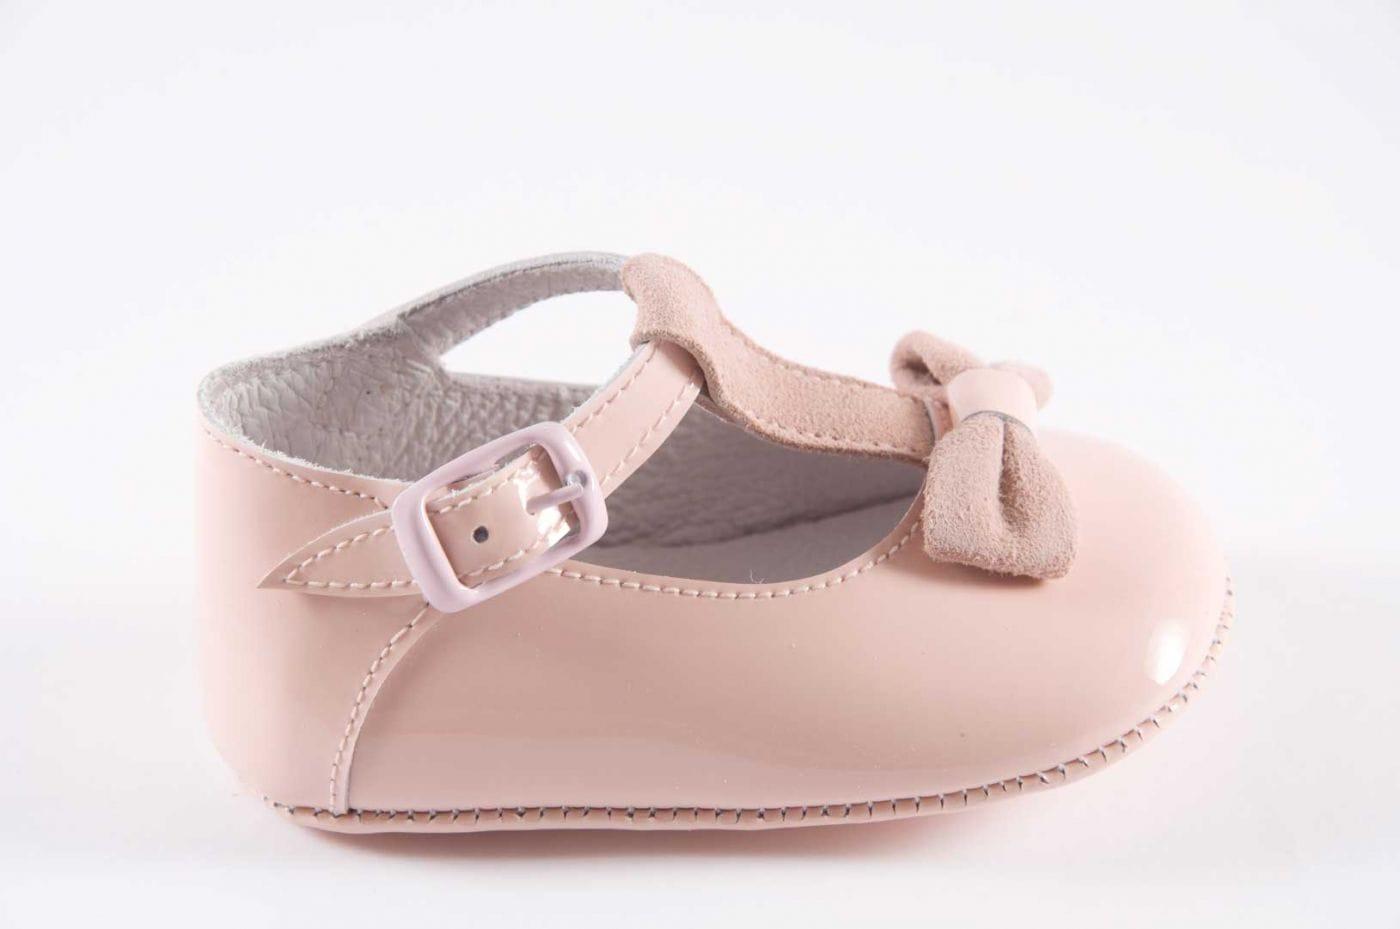 Bebe Tipo Color Estilo Mercedes Rosa Comprar Zapato Niña Eordcwbx Charol 7f6gIYbyv